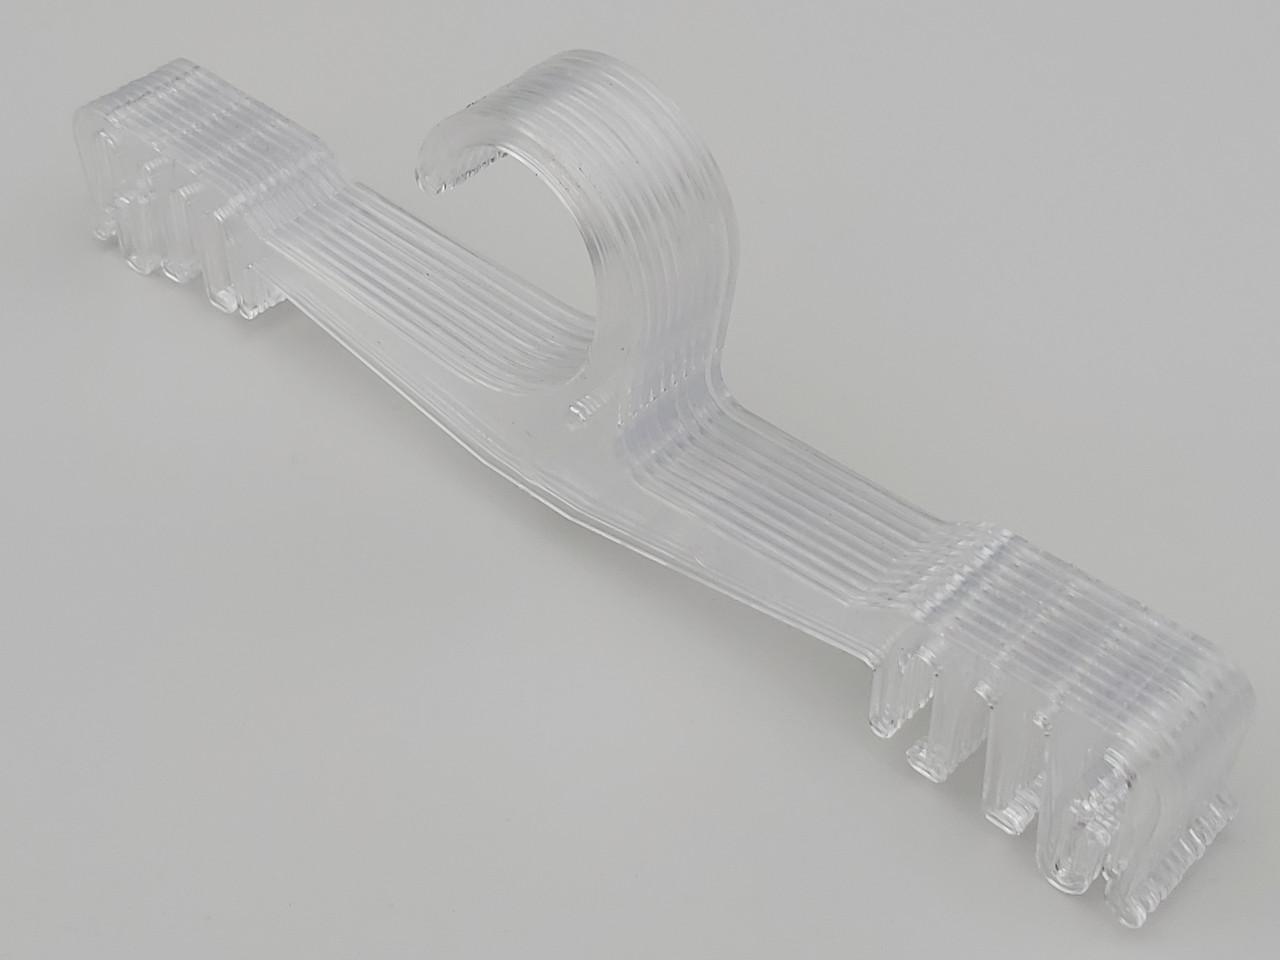 Плечики длина 21,5 см, в упаковке 10 штук. WBR цвет прозрачный